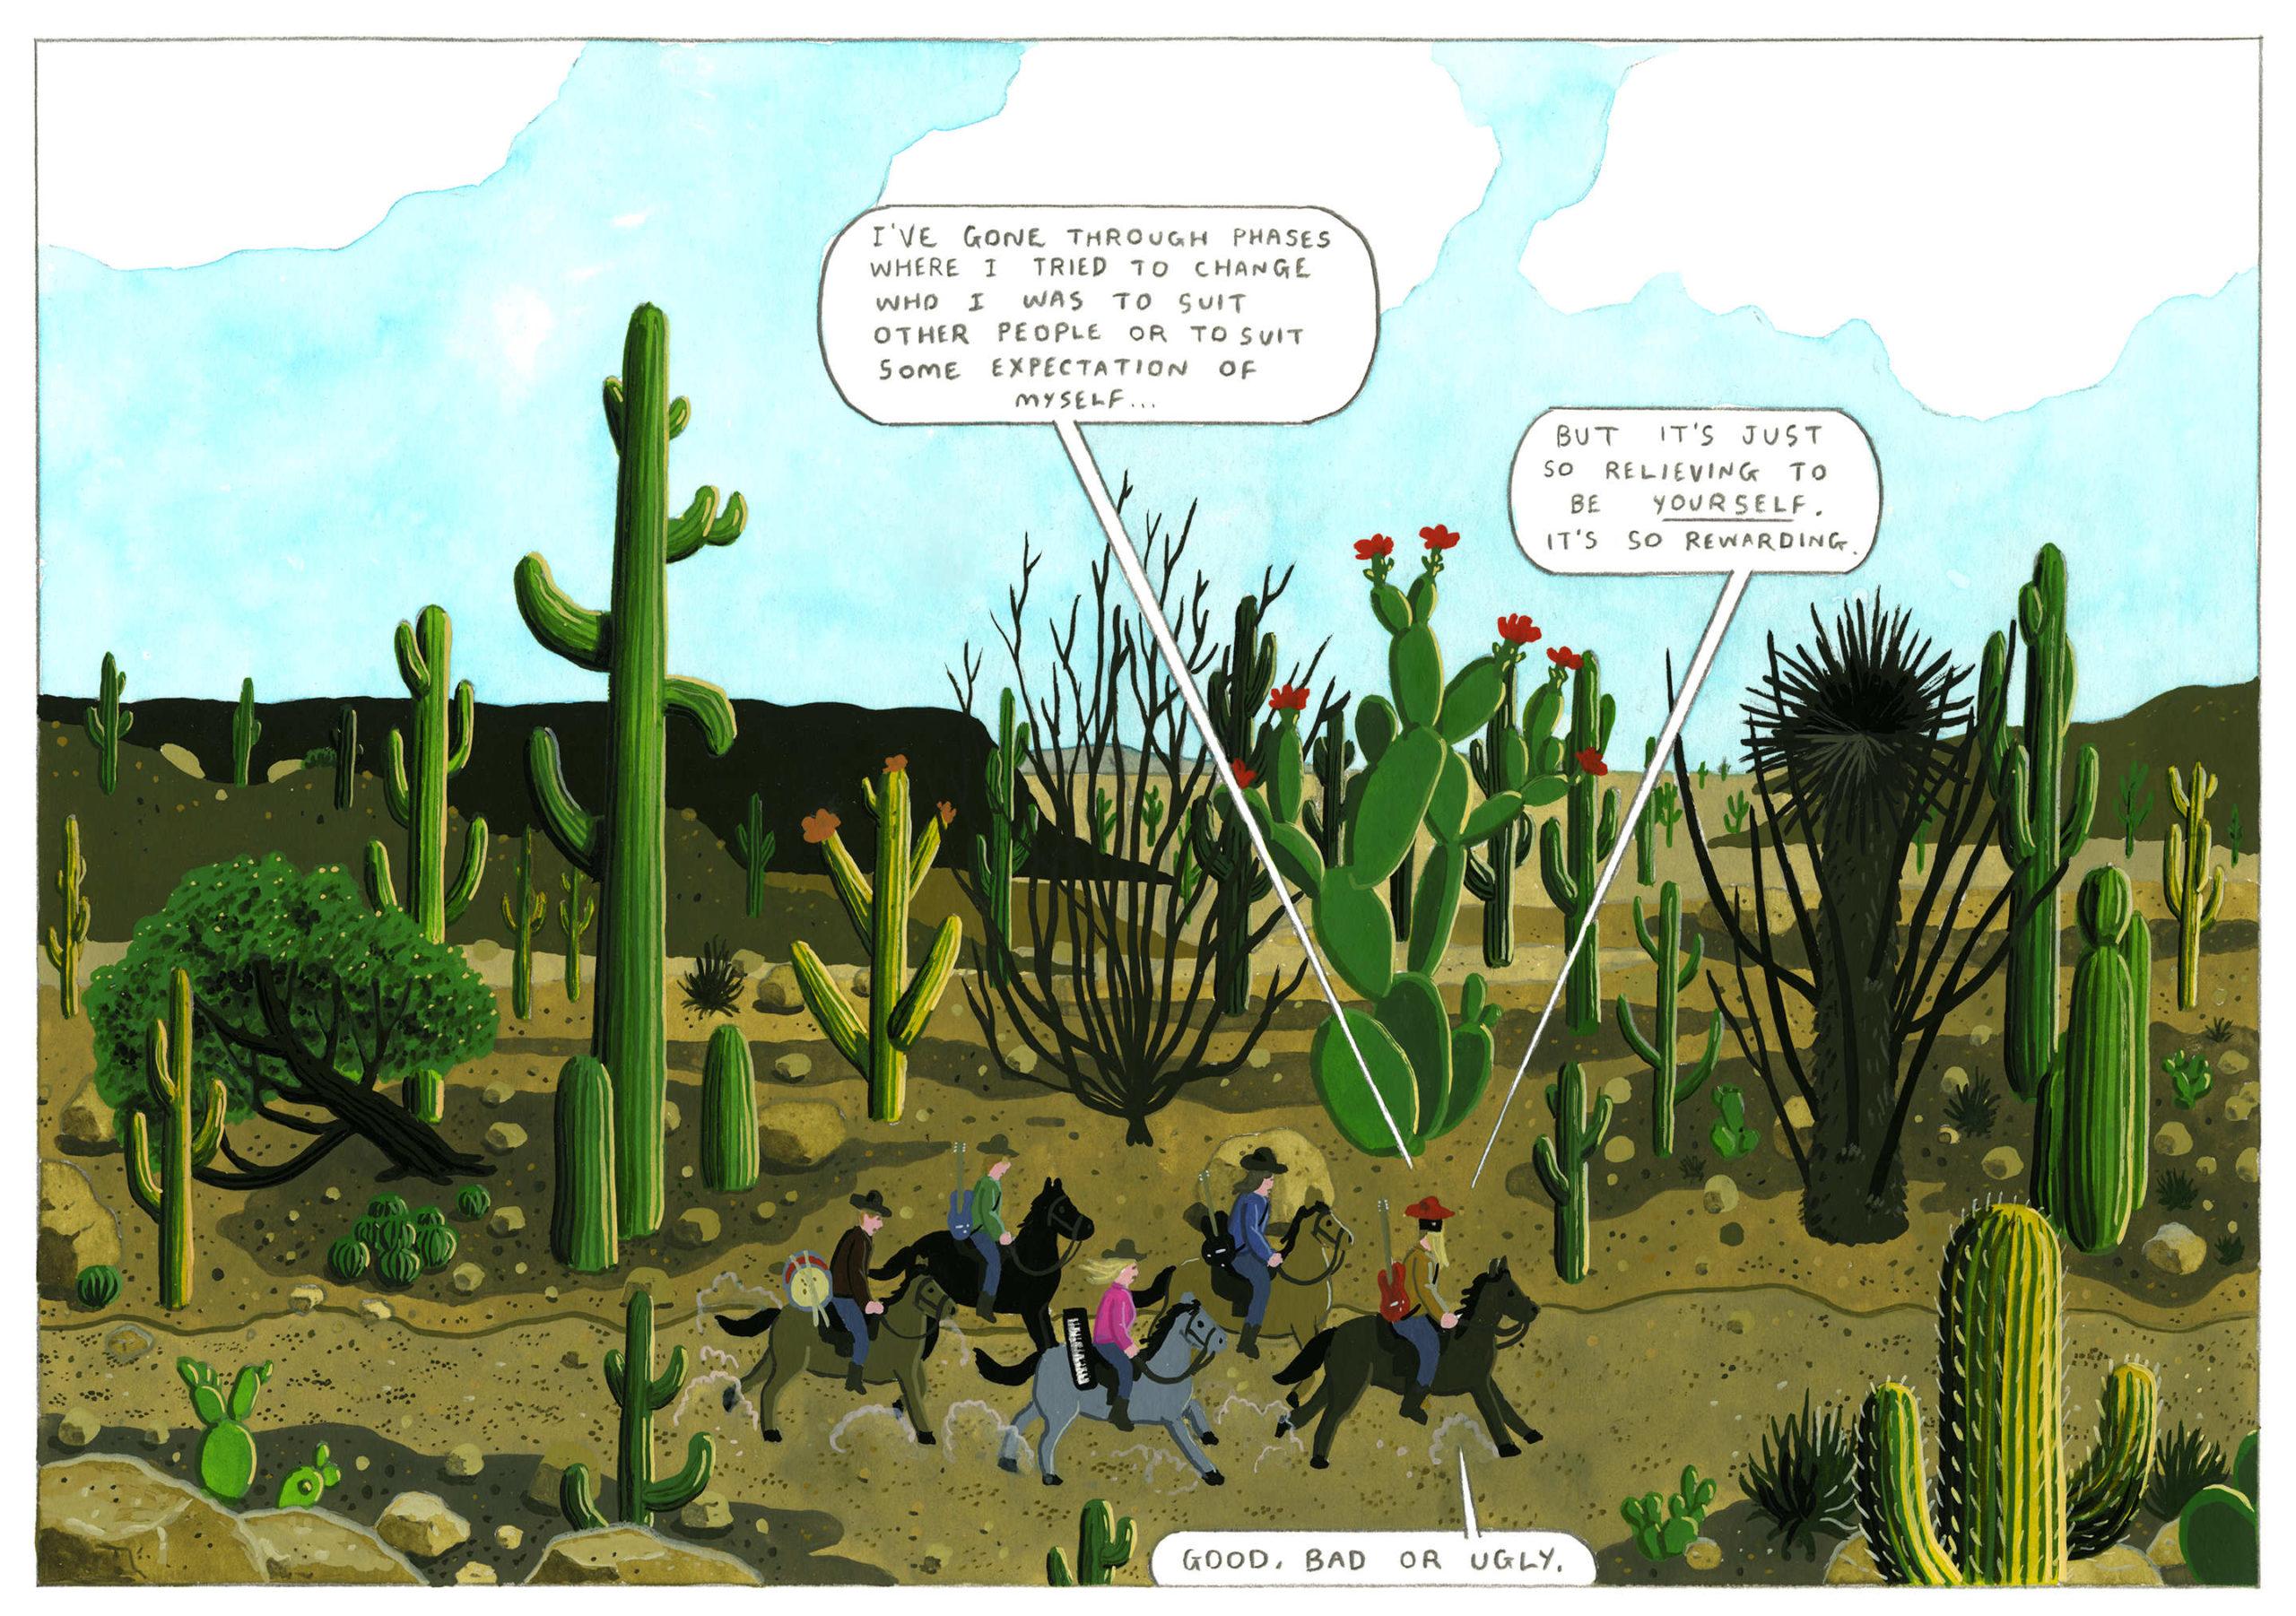 Orville-Peck-Comic_embed02.jpg